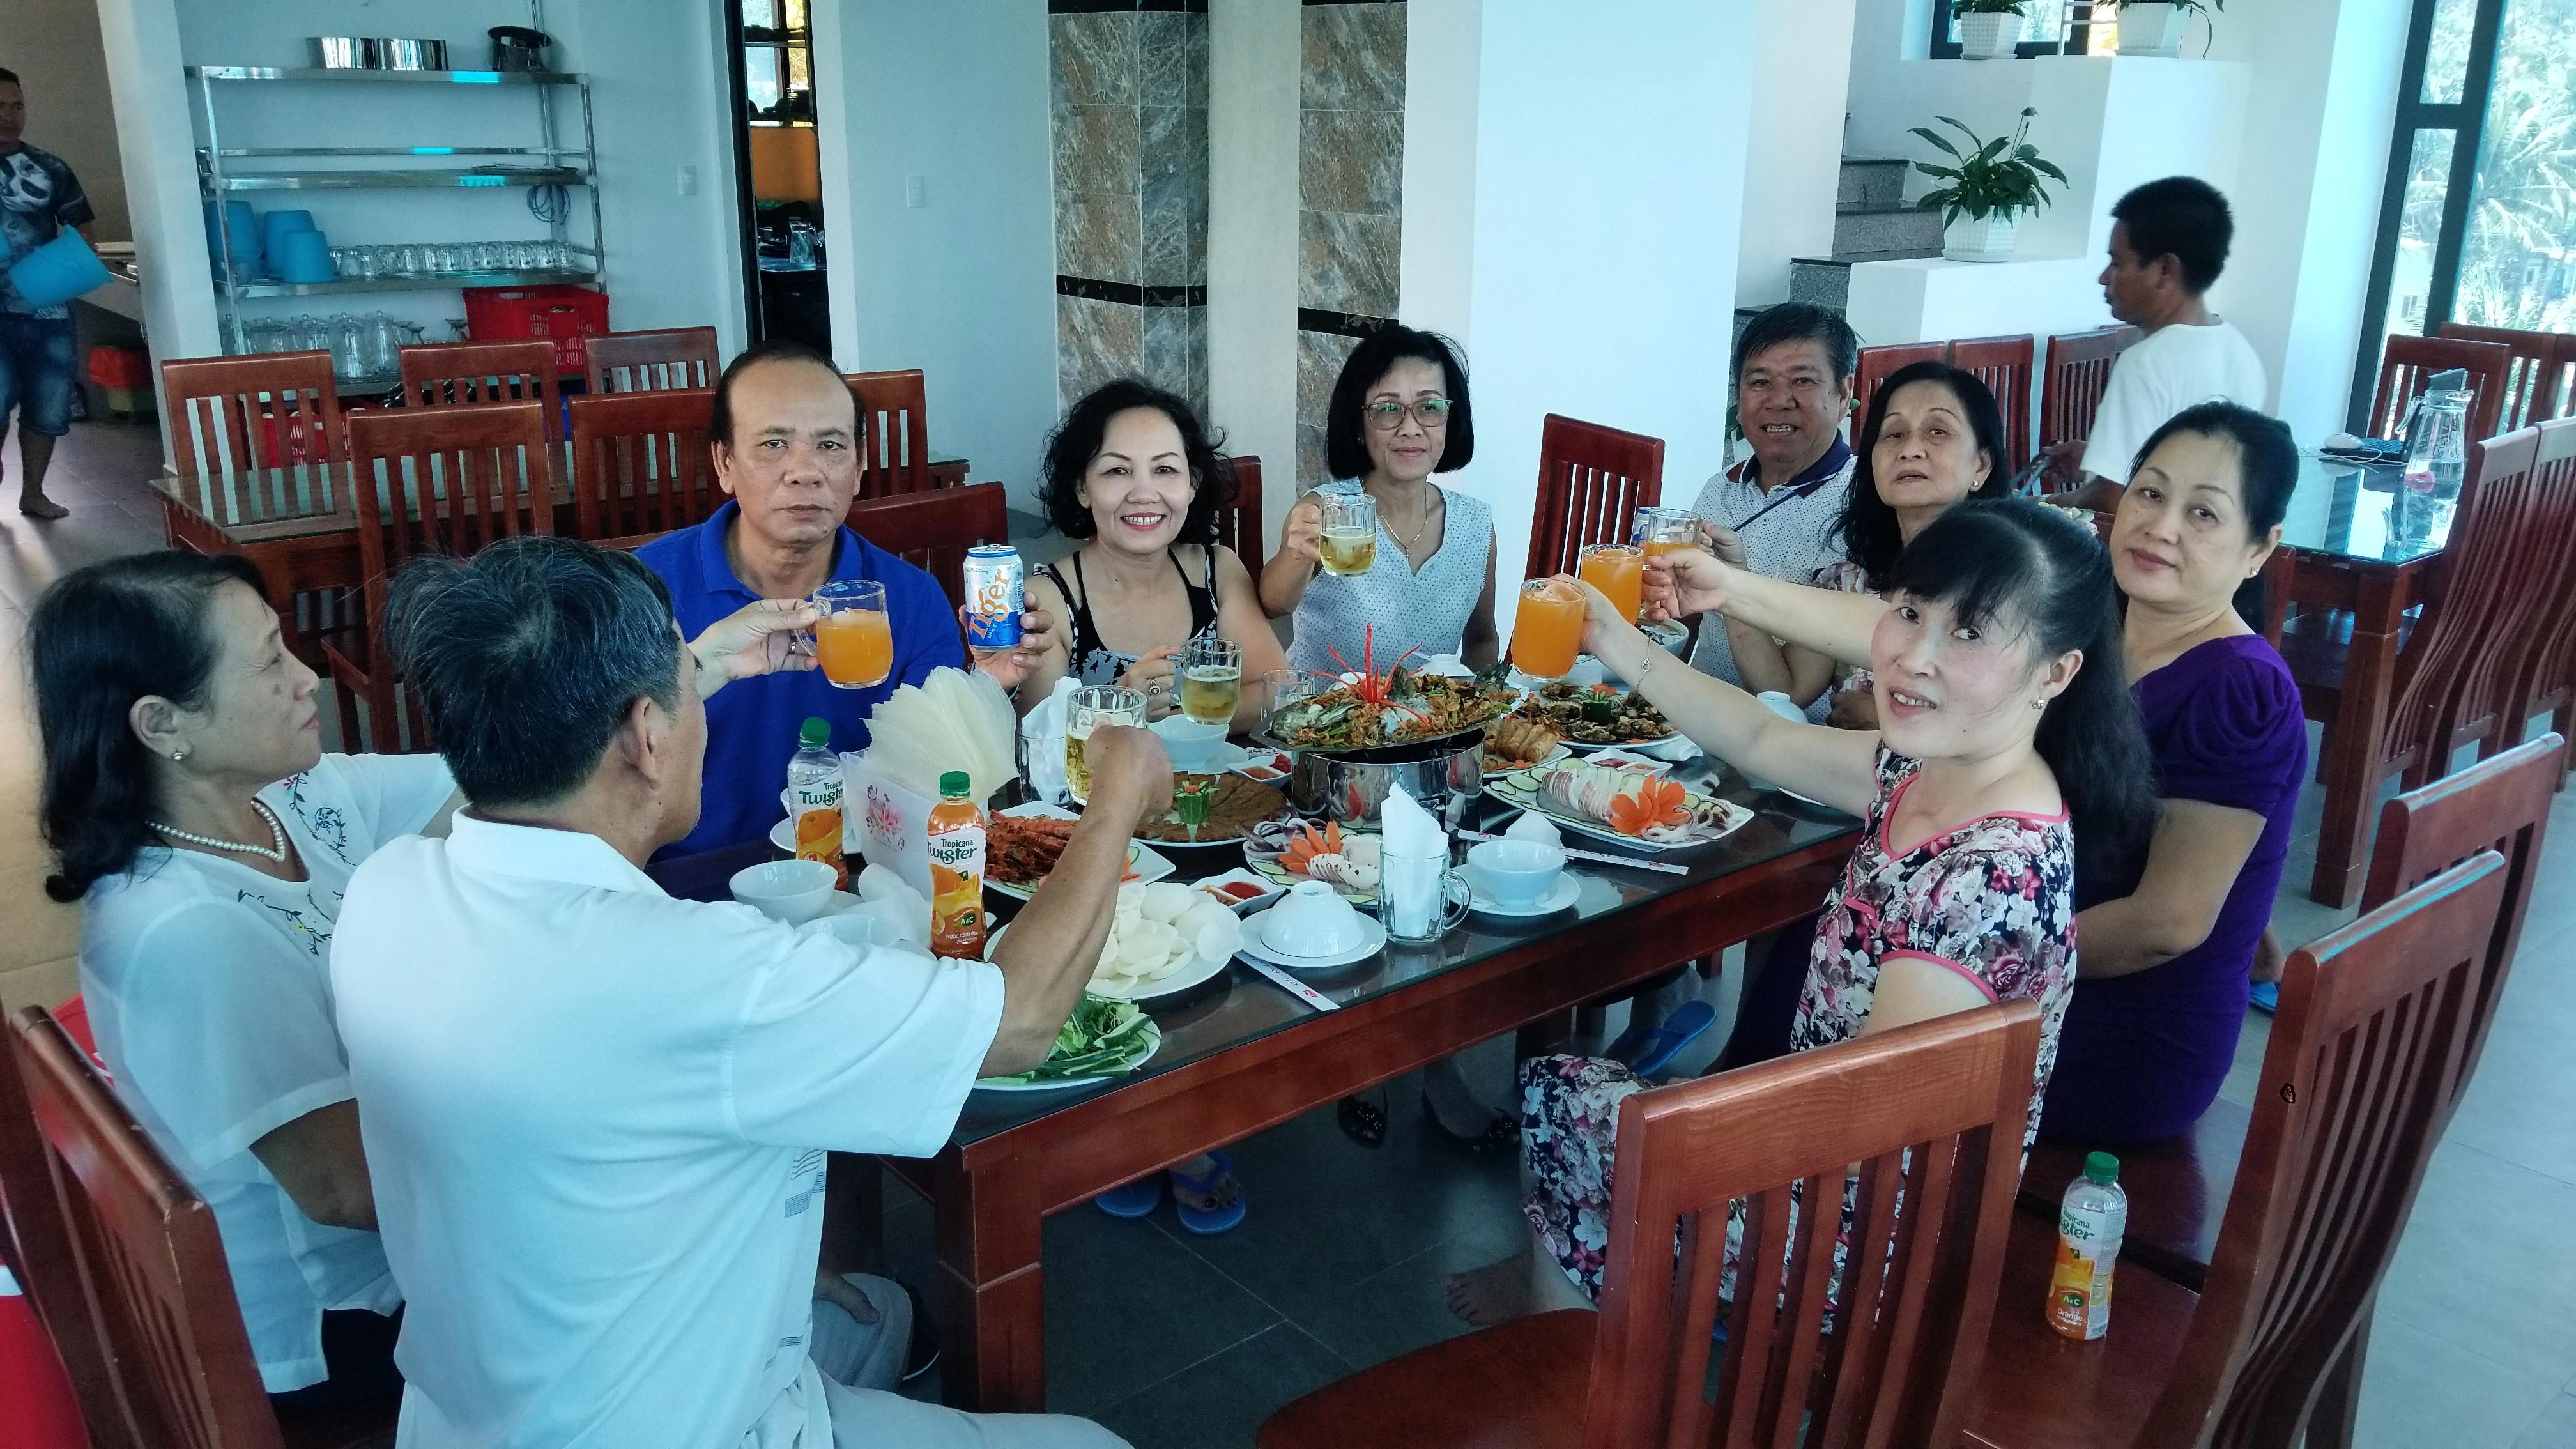 Hình ảnh các cô chú ngồi ăn trưa tại nhà hàng tầng 5 của khách sạn Bình Minh Cù Lao Xanh